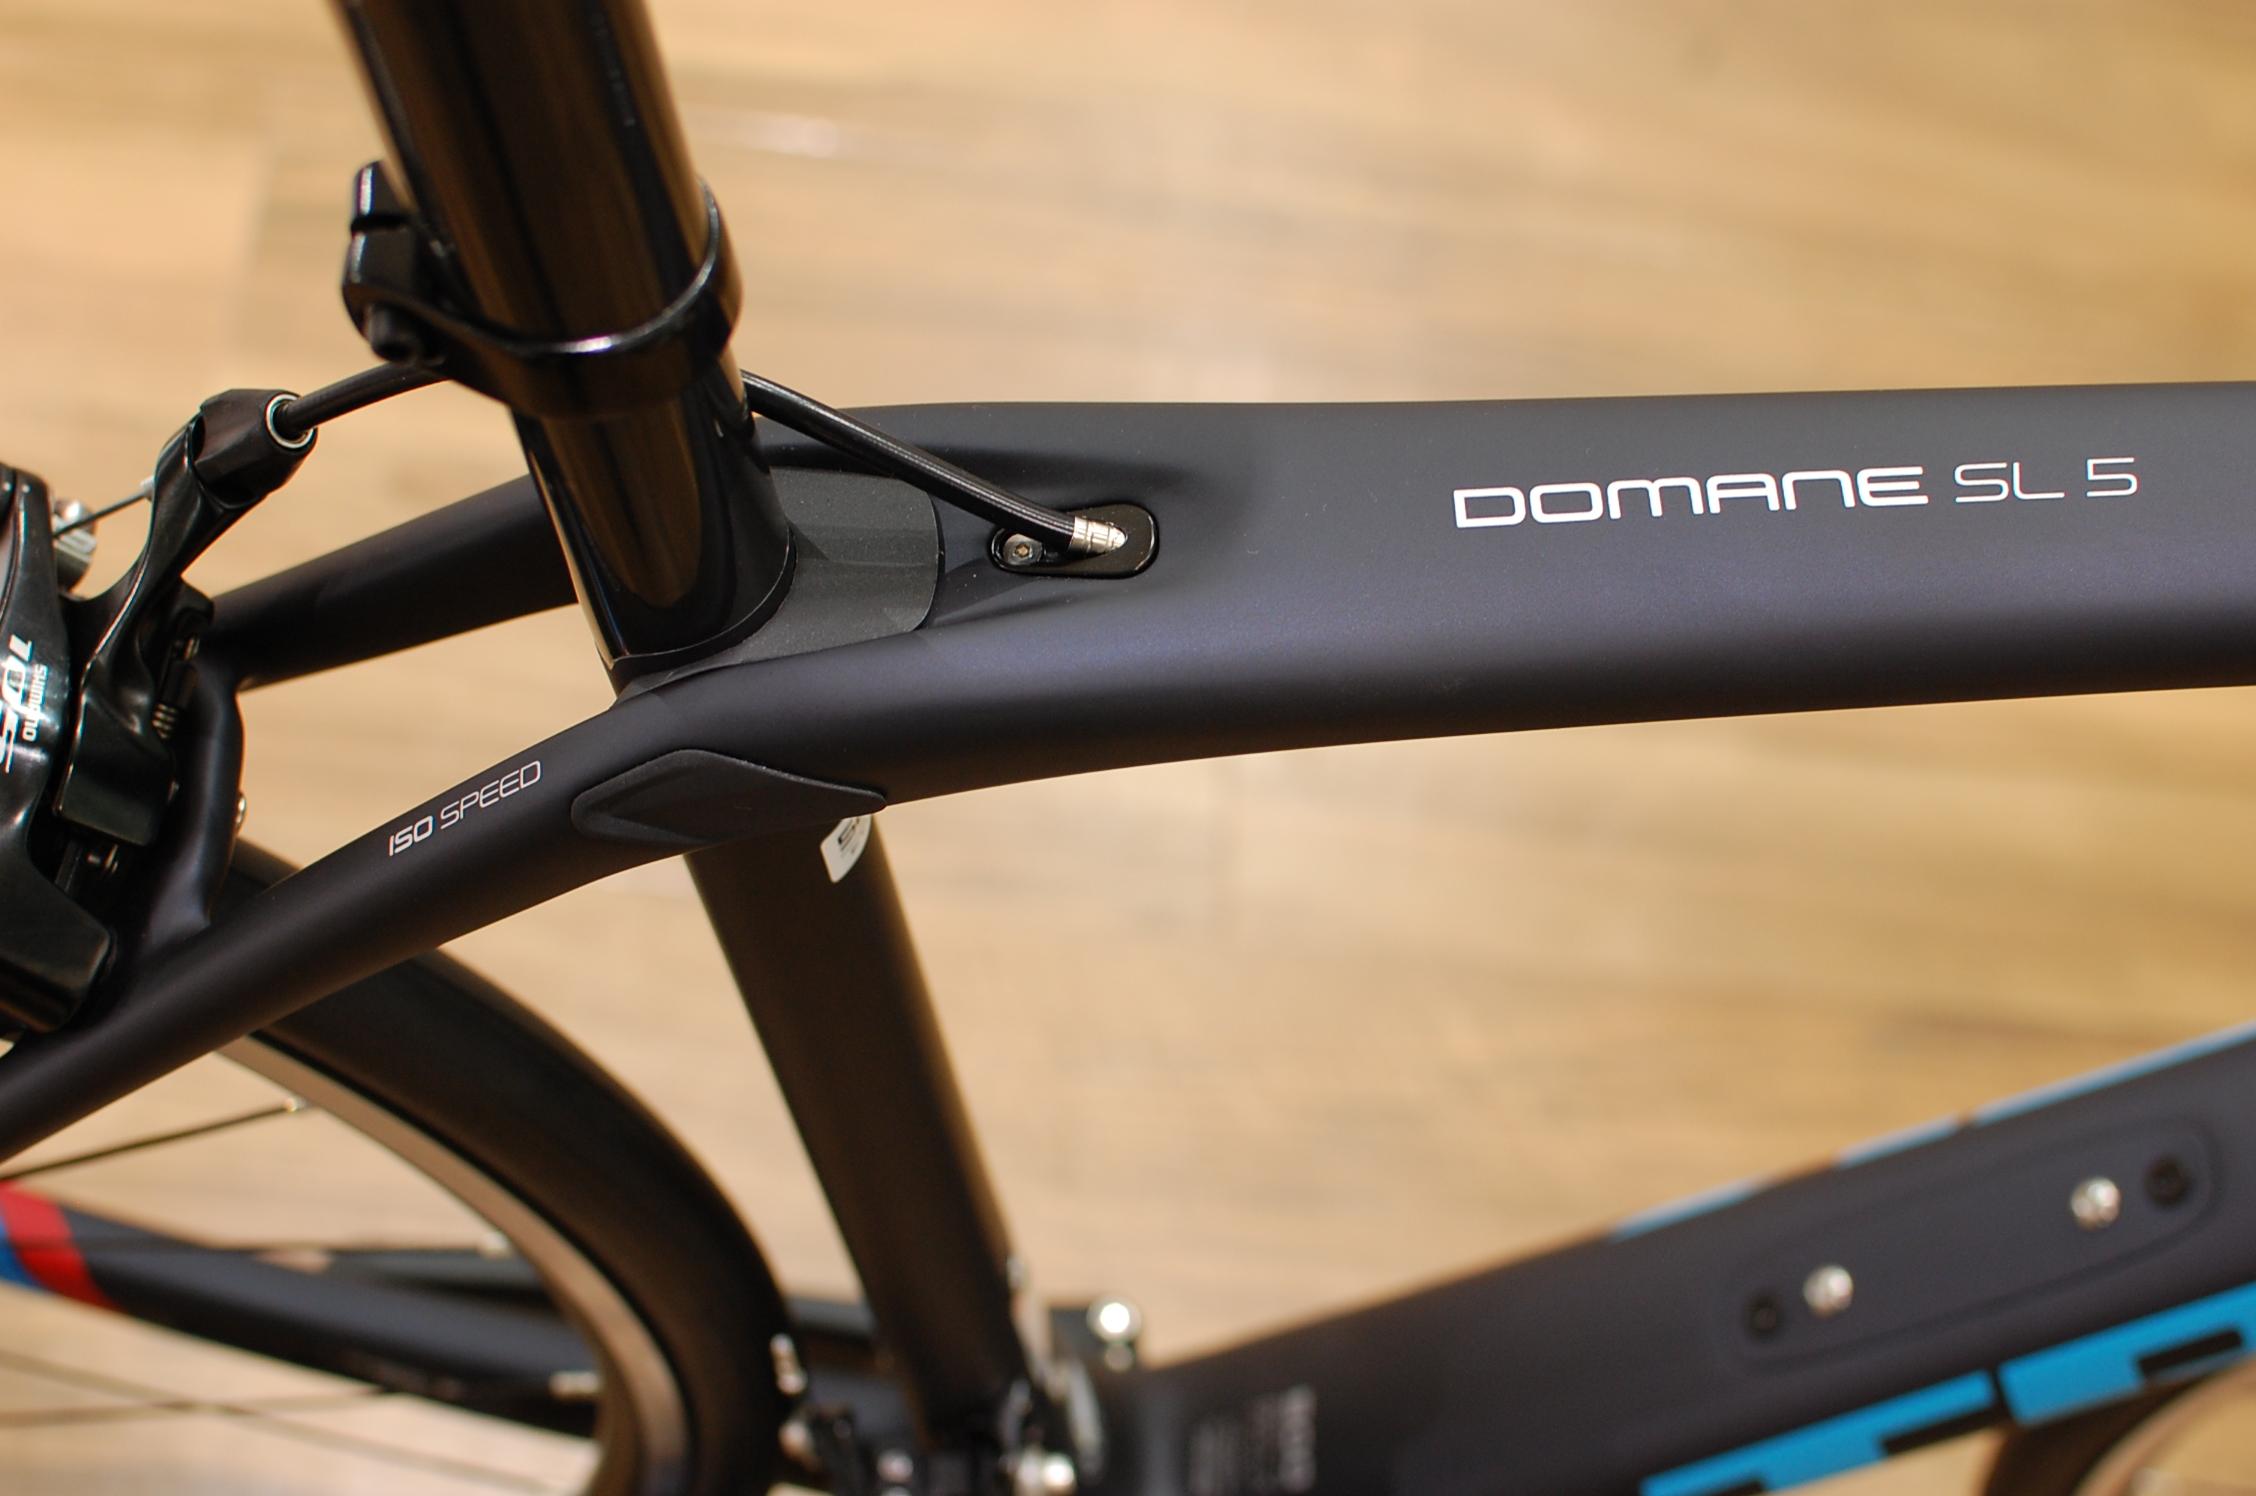 【EMONDA】だけじゃない!2018年NEWモデル エンデュランスロードバイク【DOMANE SL 5】も先行入荷しています。